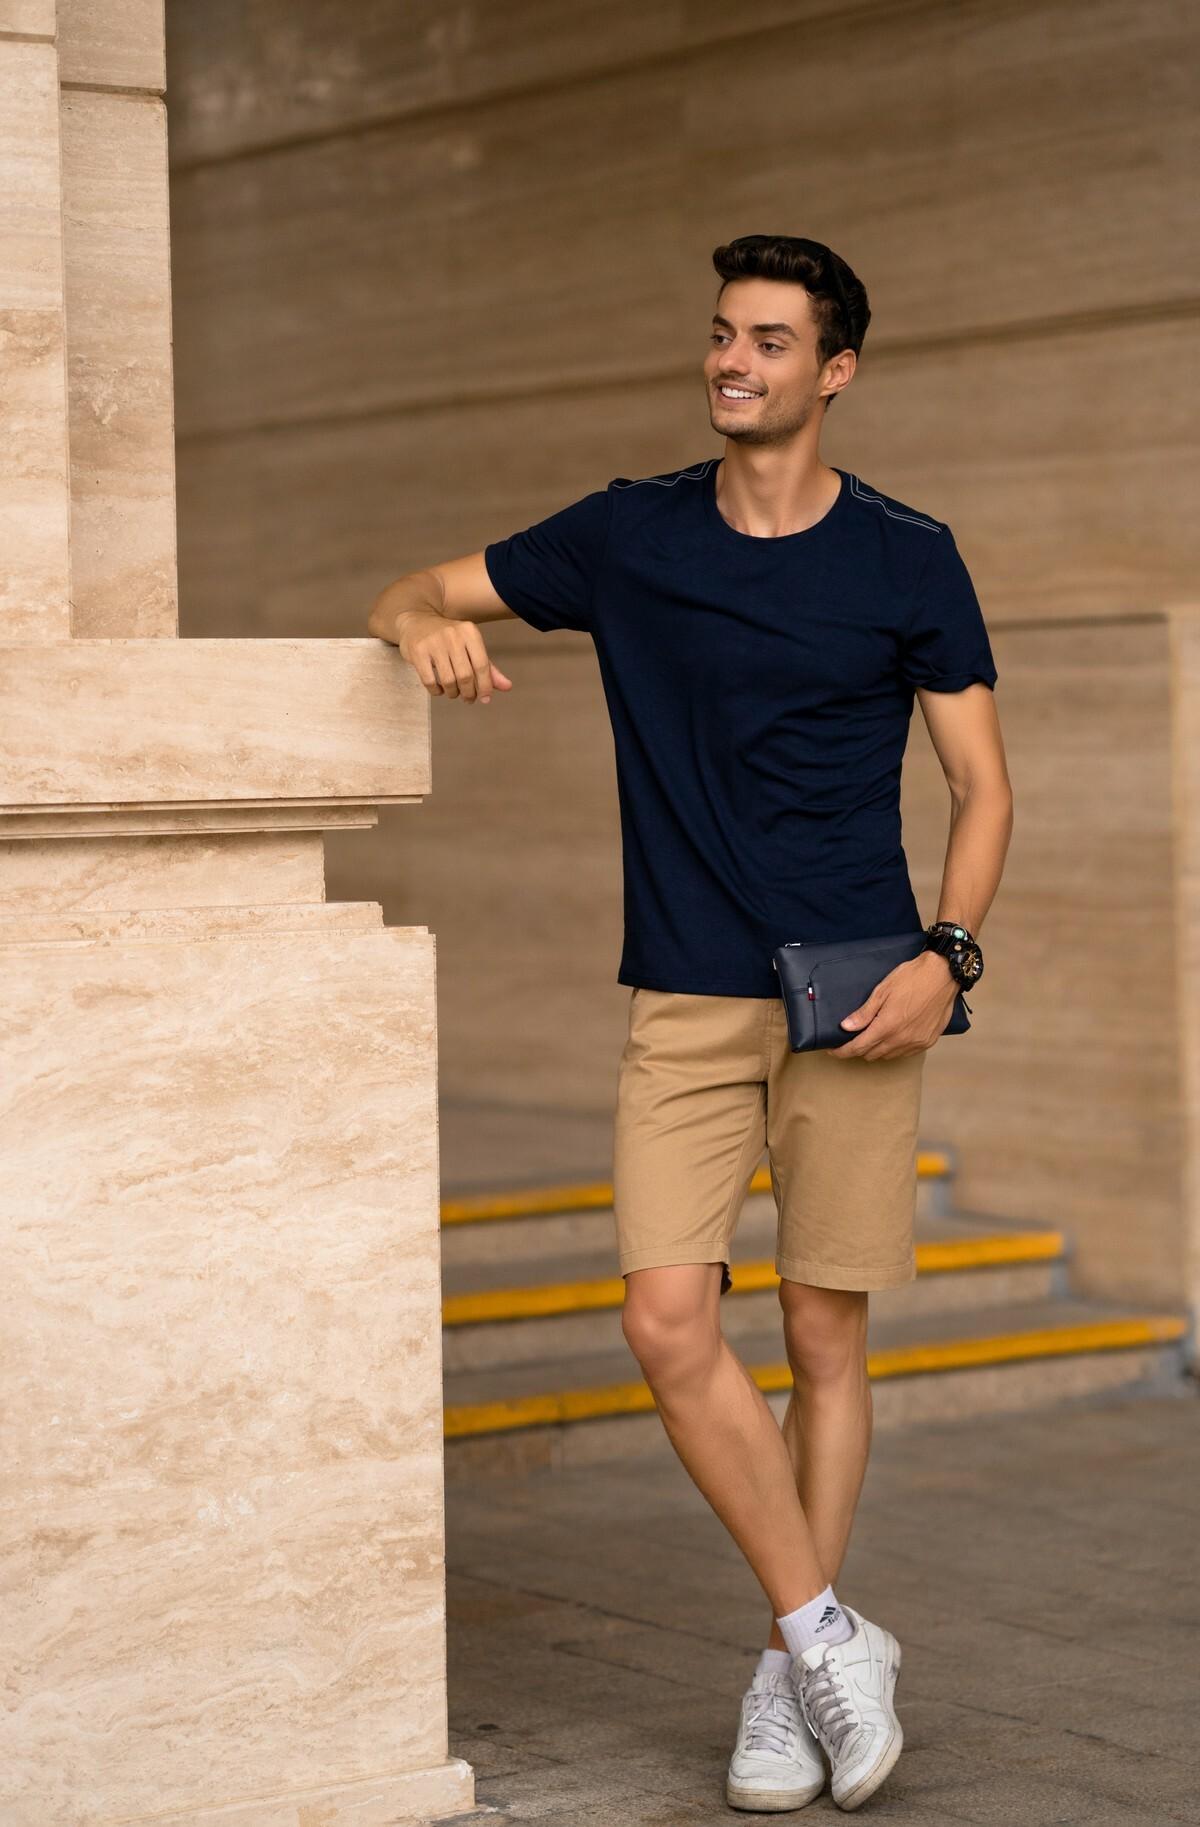 Áo phông nam ngắn tay ( slimfit) xanh than DGC - WAT1816M giảm 20% còn 204.000 đồngthiết kế hiện đại, trẻ trung nhưng vẫn vừa vặn hình thể. Với chất liệu thoáng mát, tôn vinh dáng vẻ nam tính, các chàng sẽ trở nên cuốn hút trong mắt người xung quanh.